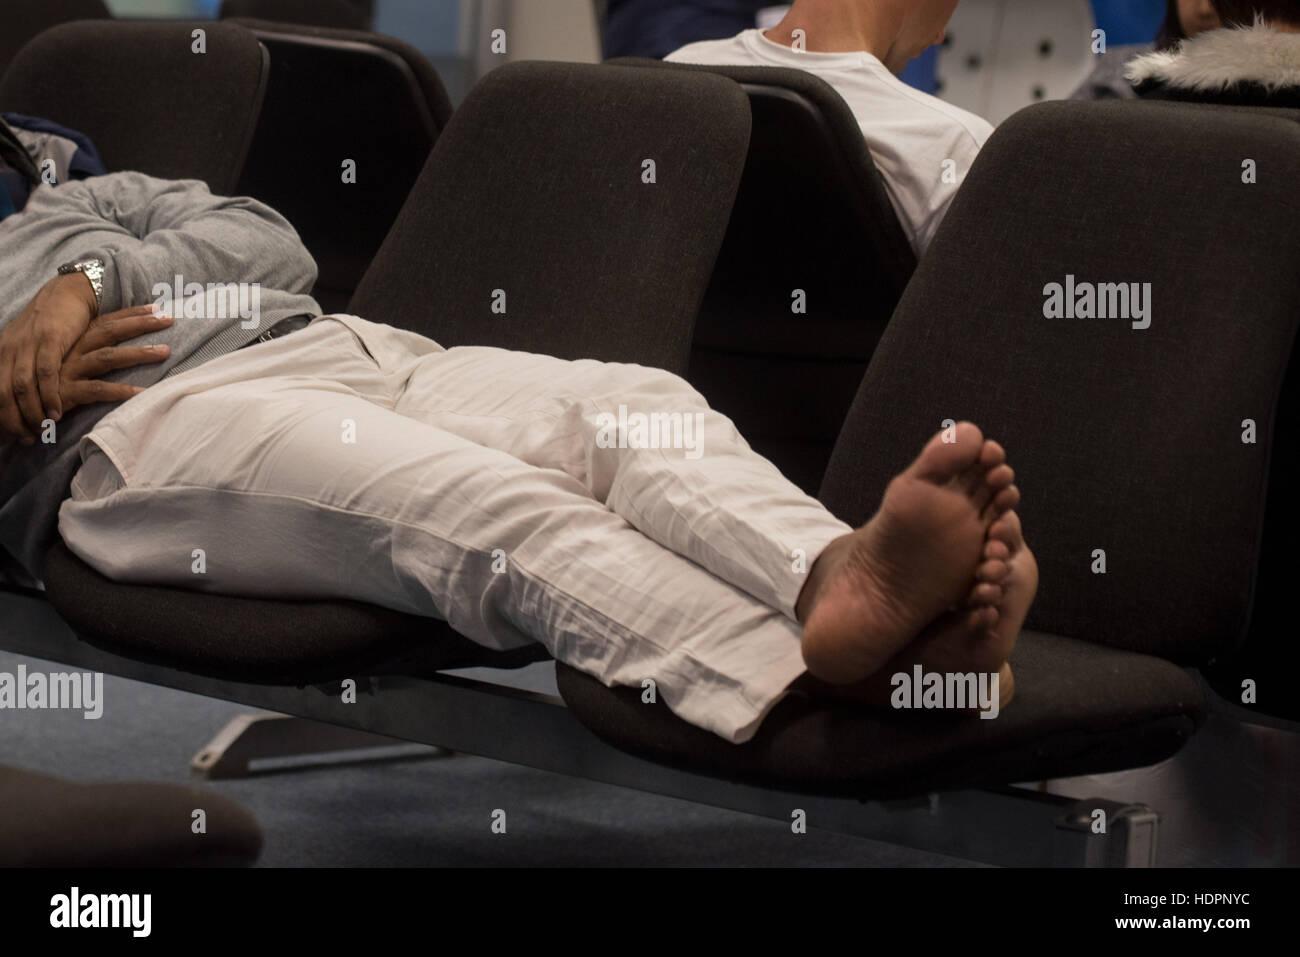 Man sleeps at airport Stock Photo